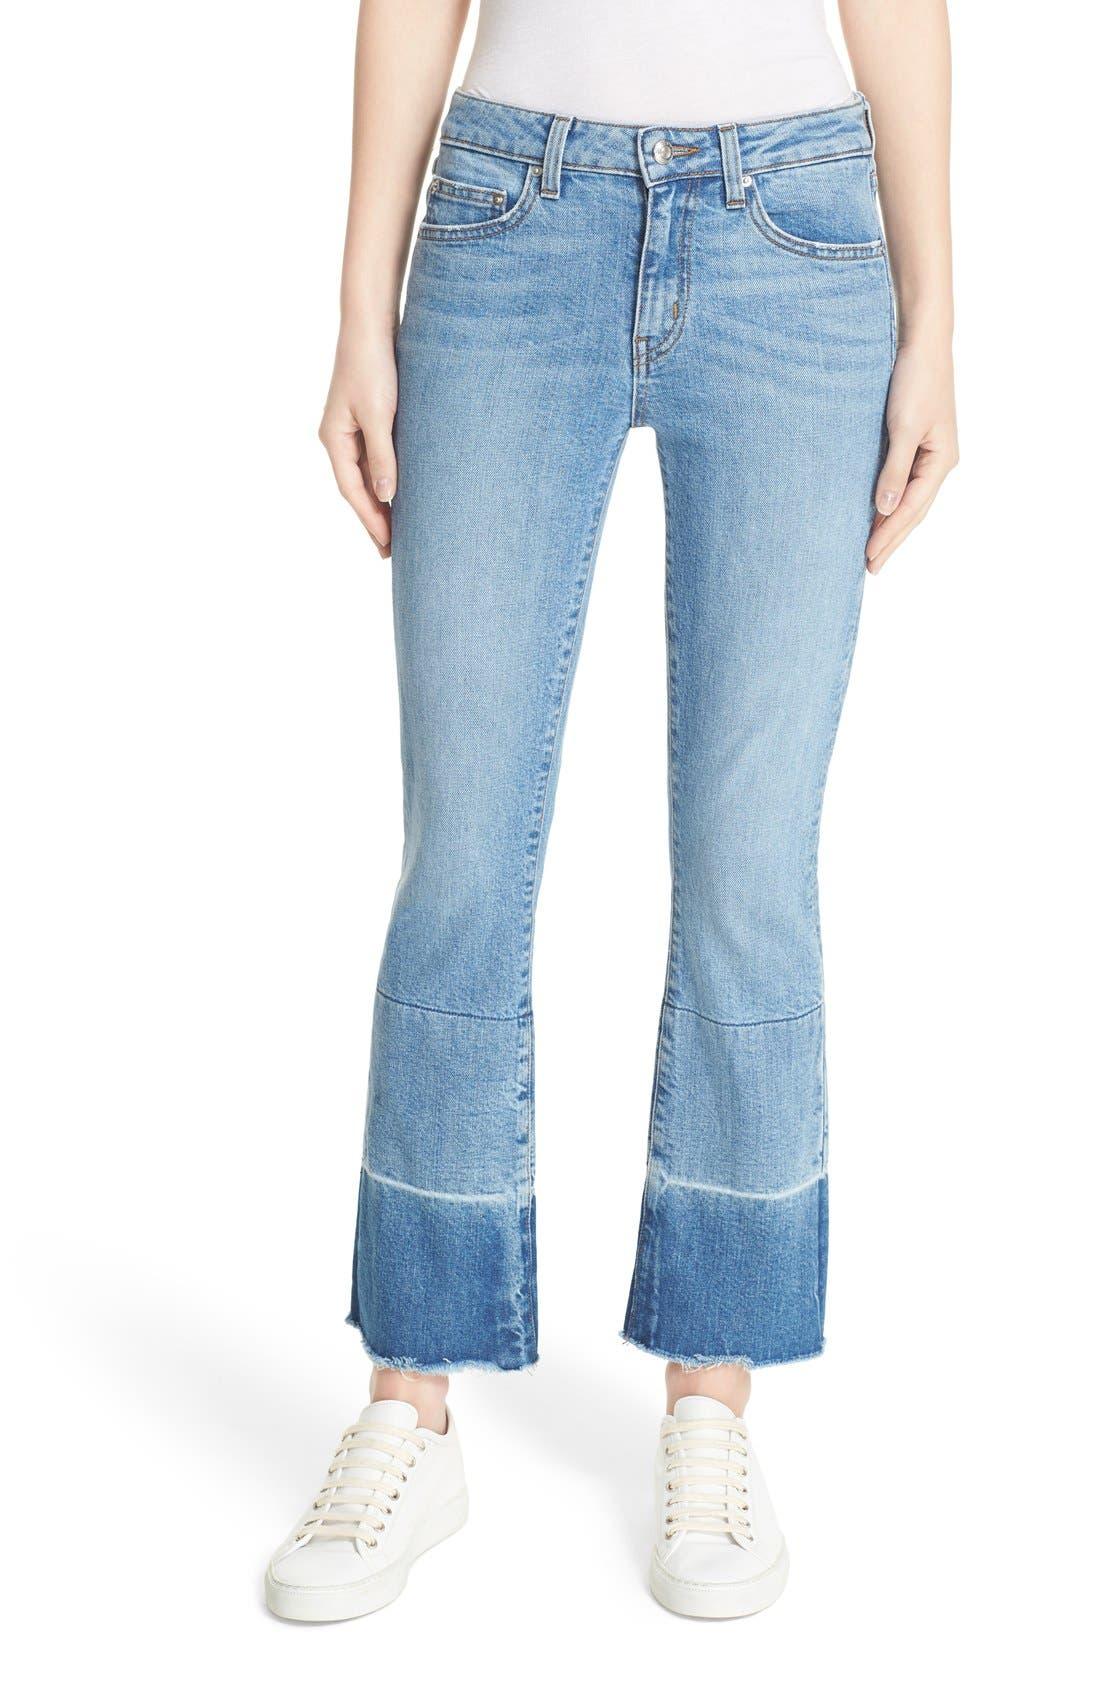 DEREK LAM 10 CROSBY Jane Jeans